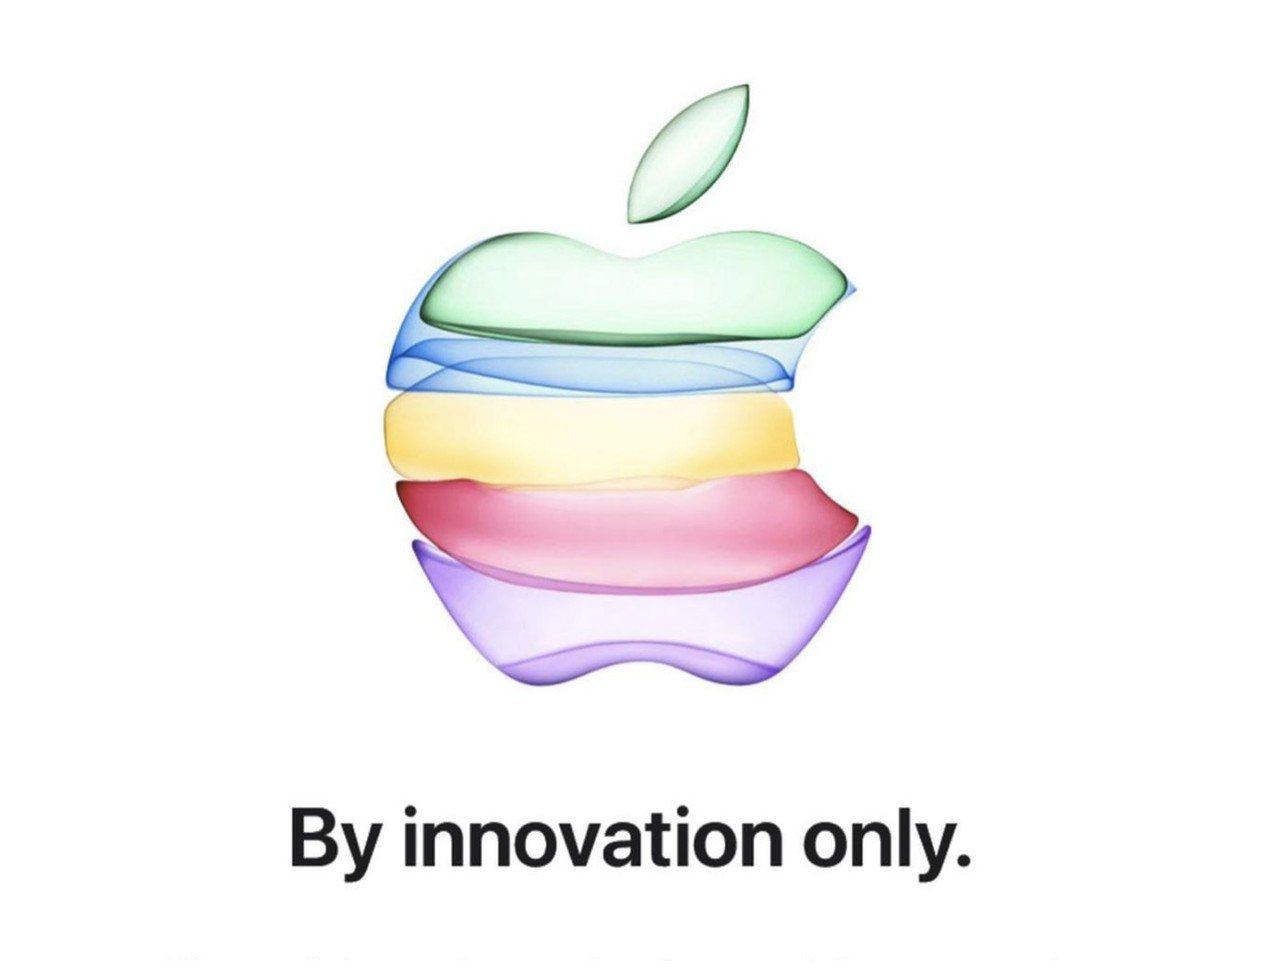 外媒The Verge同時也揭露了此次發表會主軸「By innovation o...